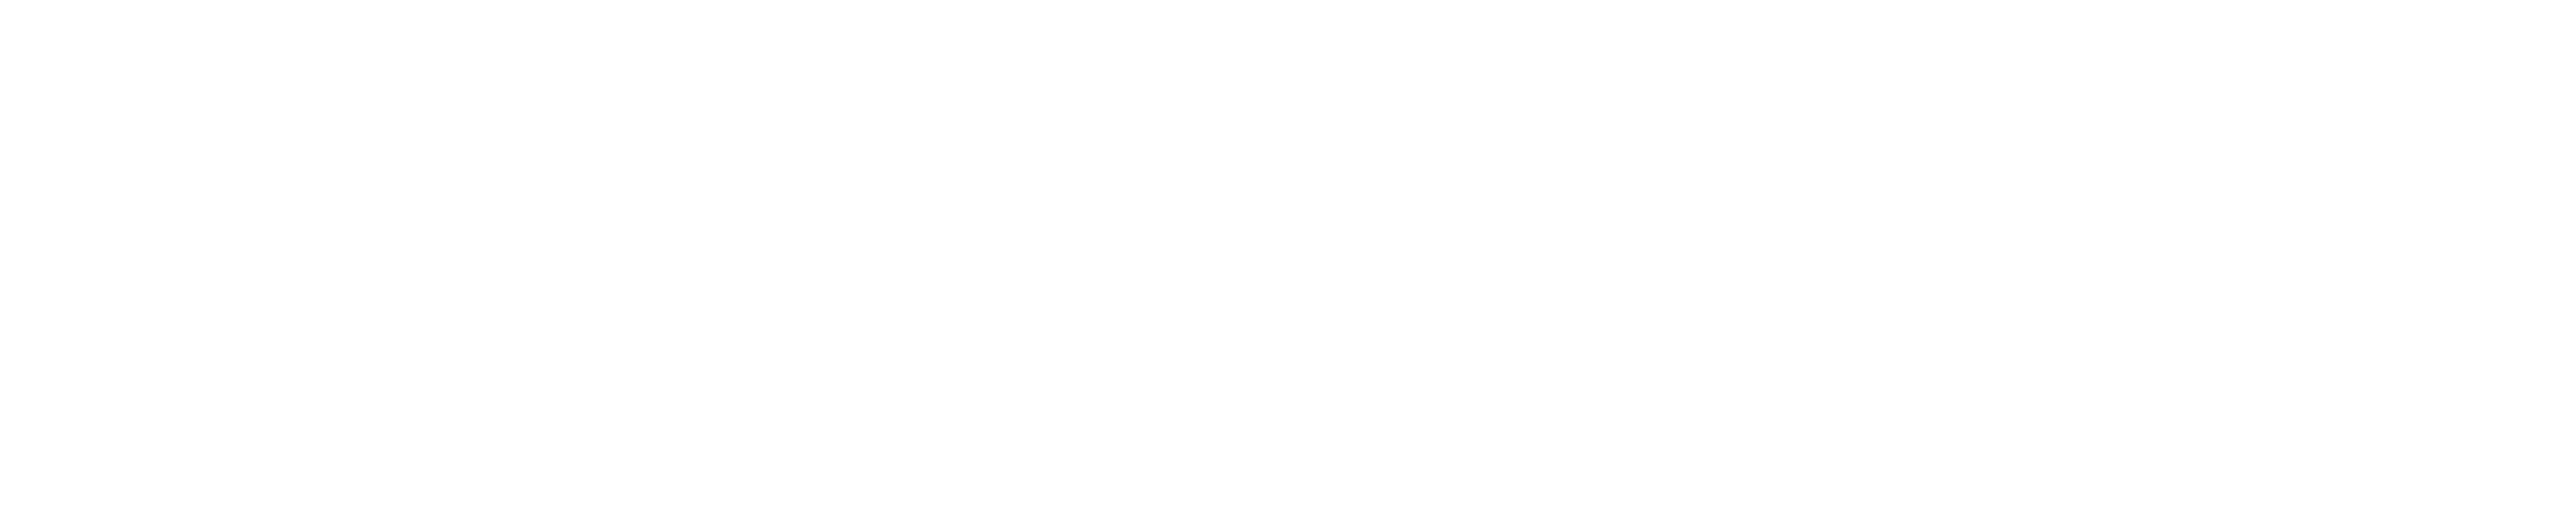 Actitect